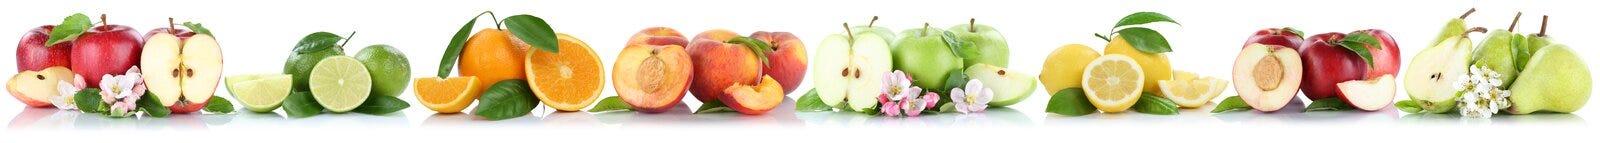 Vruchten van de nectarineappelen van de appel oranje citroen de sinaasappelenfruit in een ro Royalty-vrije Stock Afbeeldingen